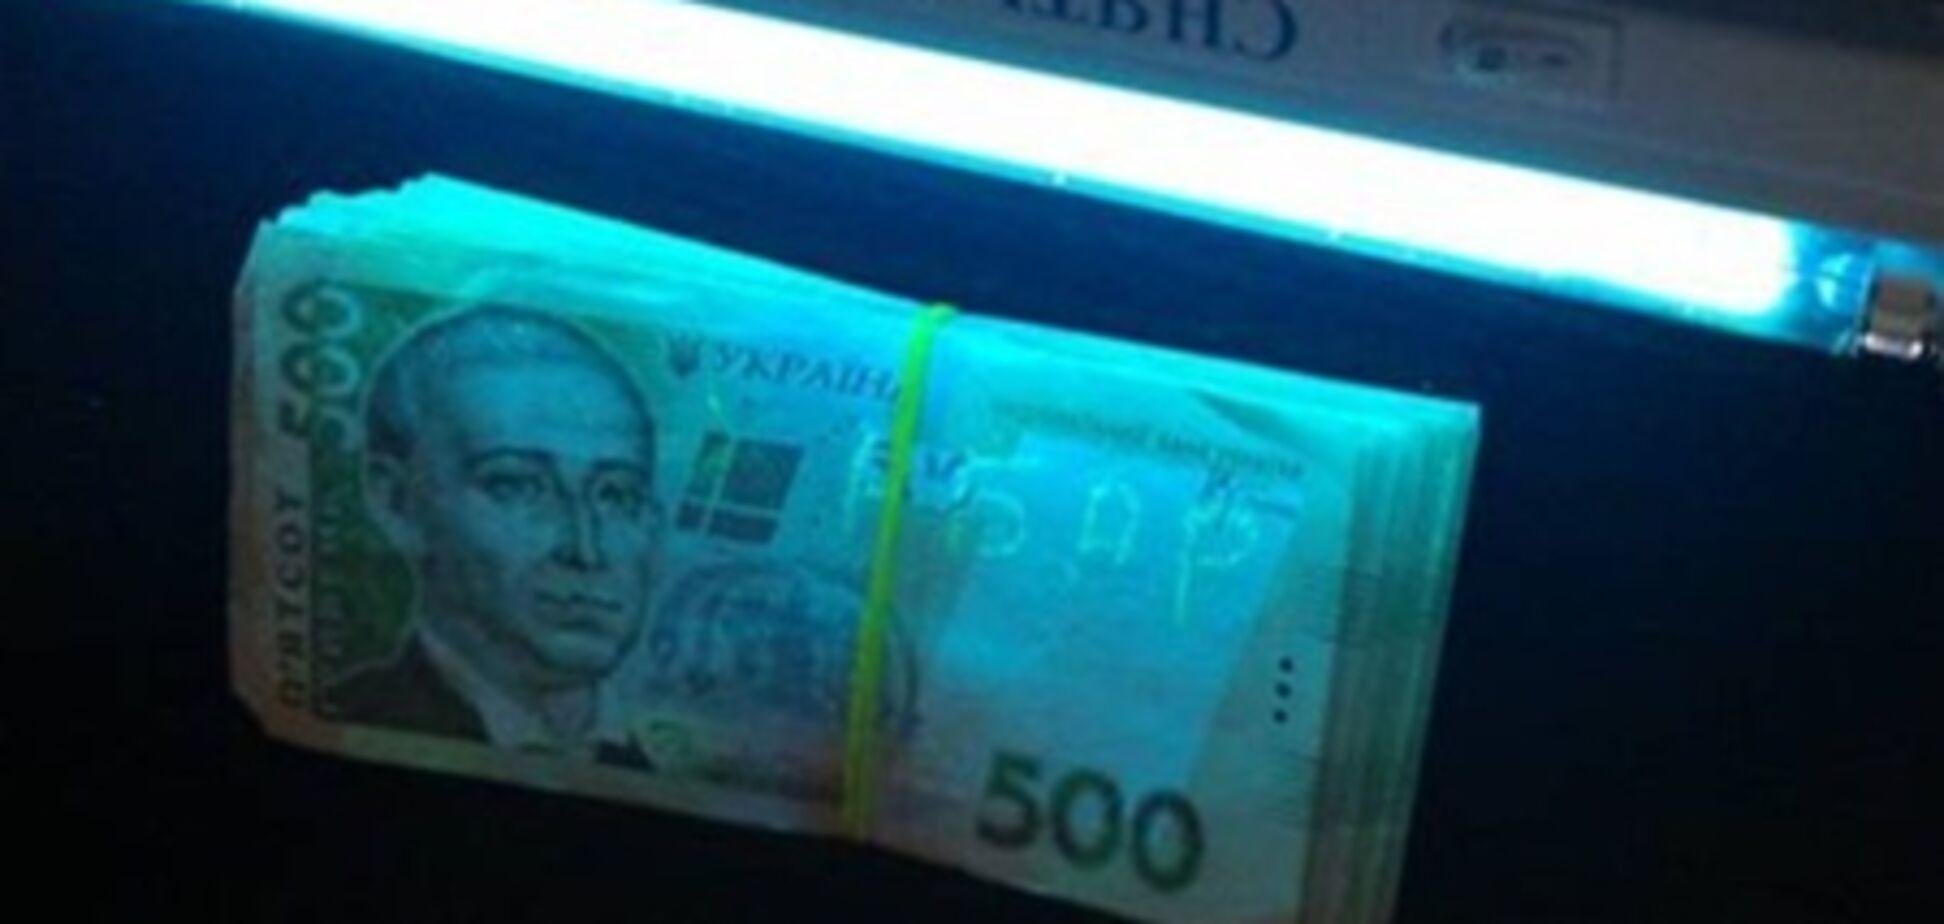 В Житомире на взятке задержана одна из руководителей областной налоговой